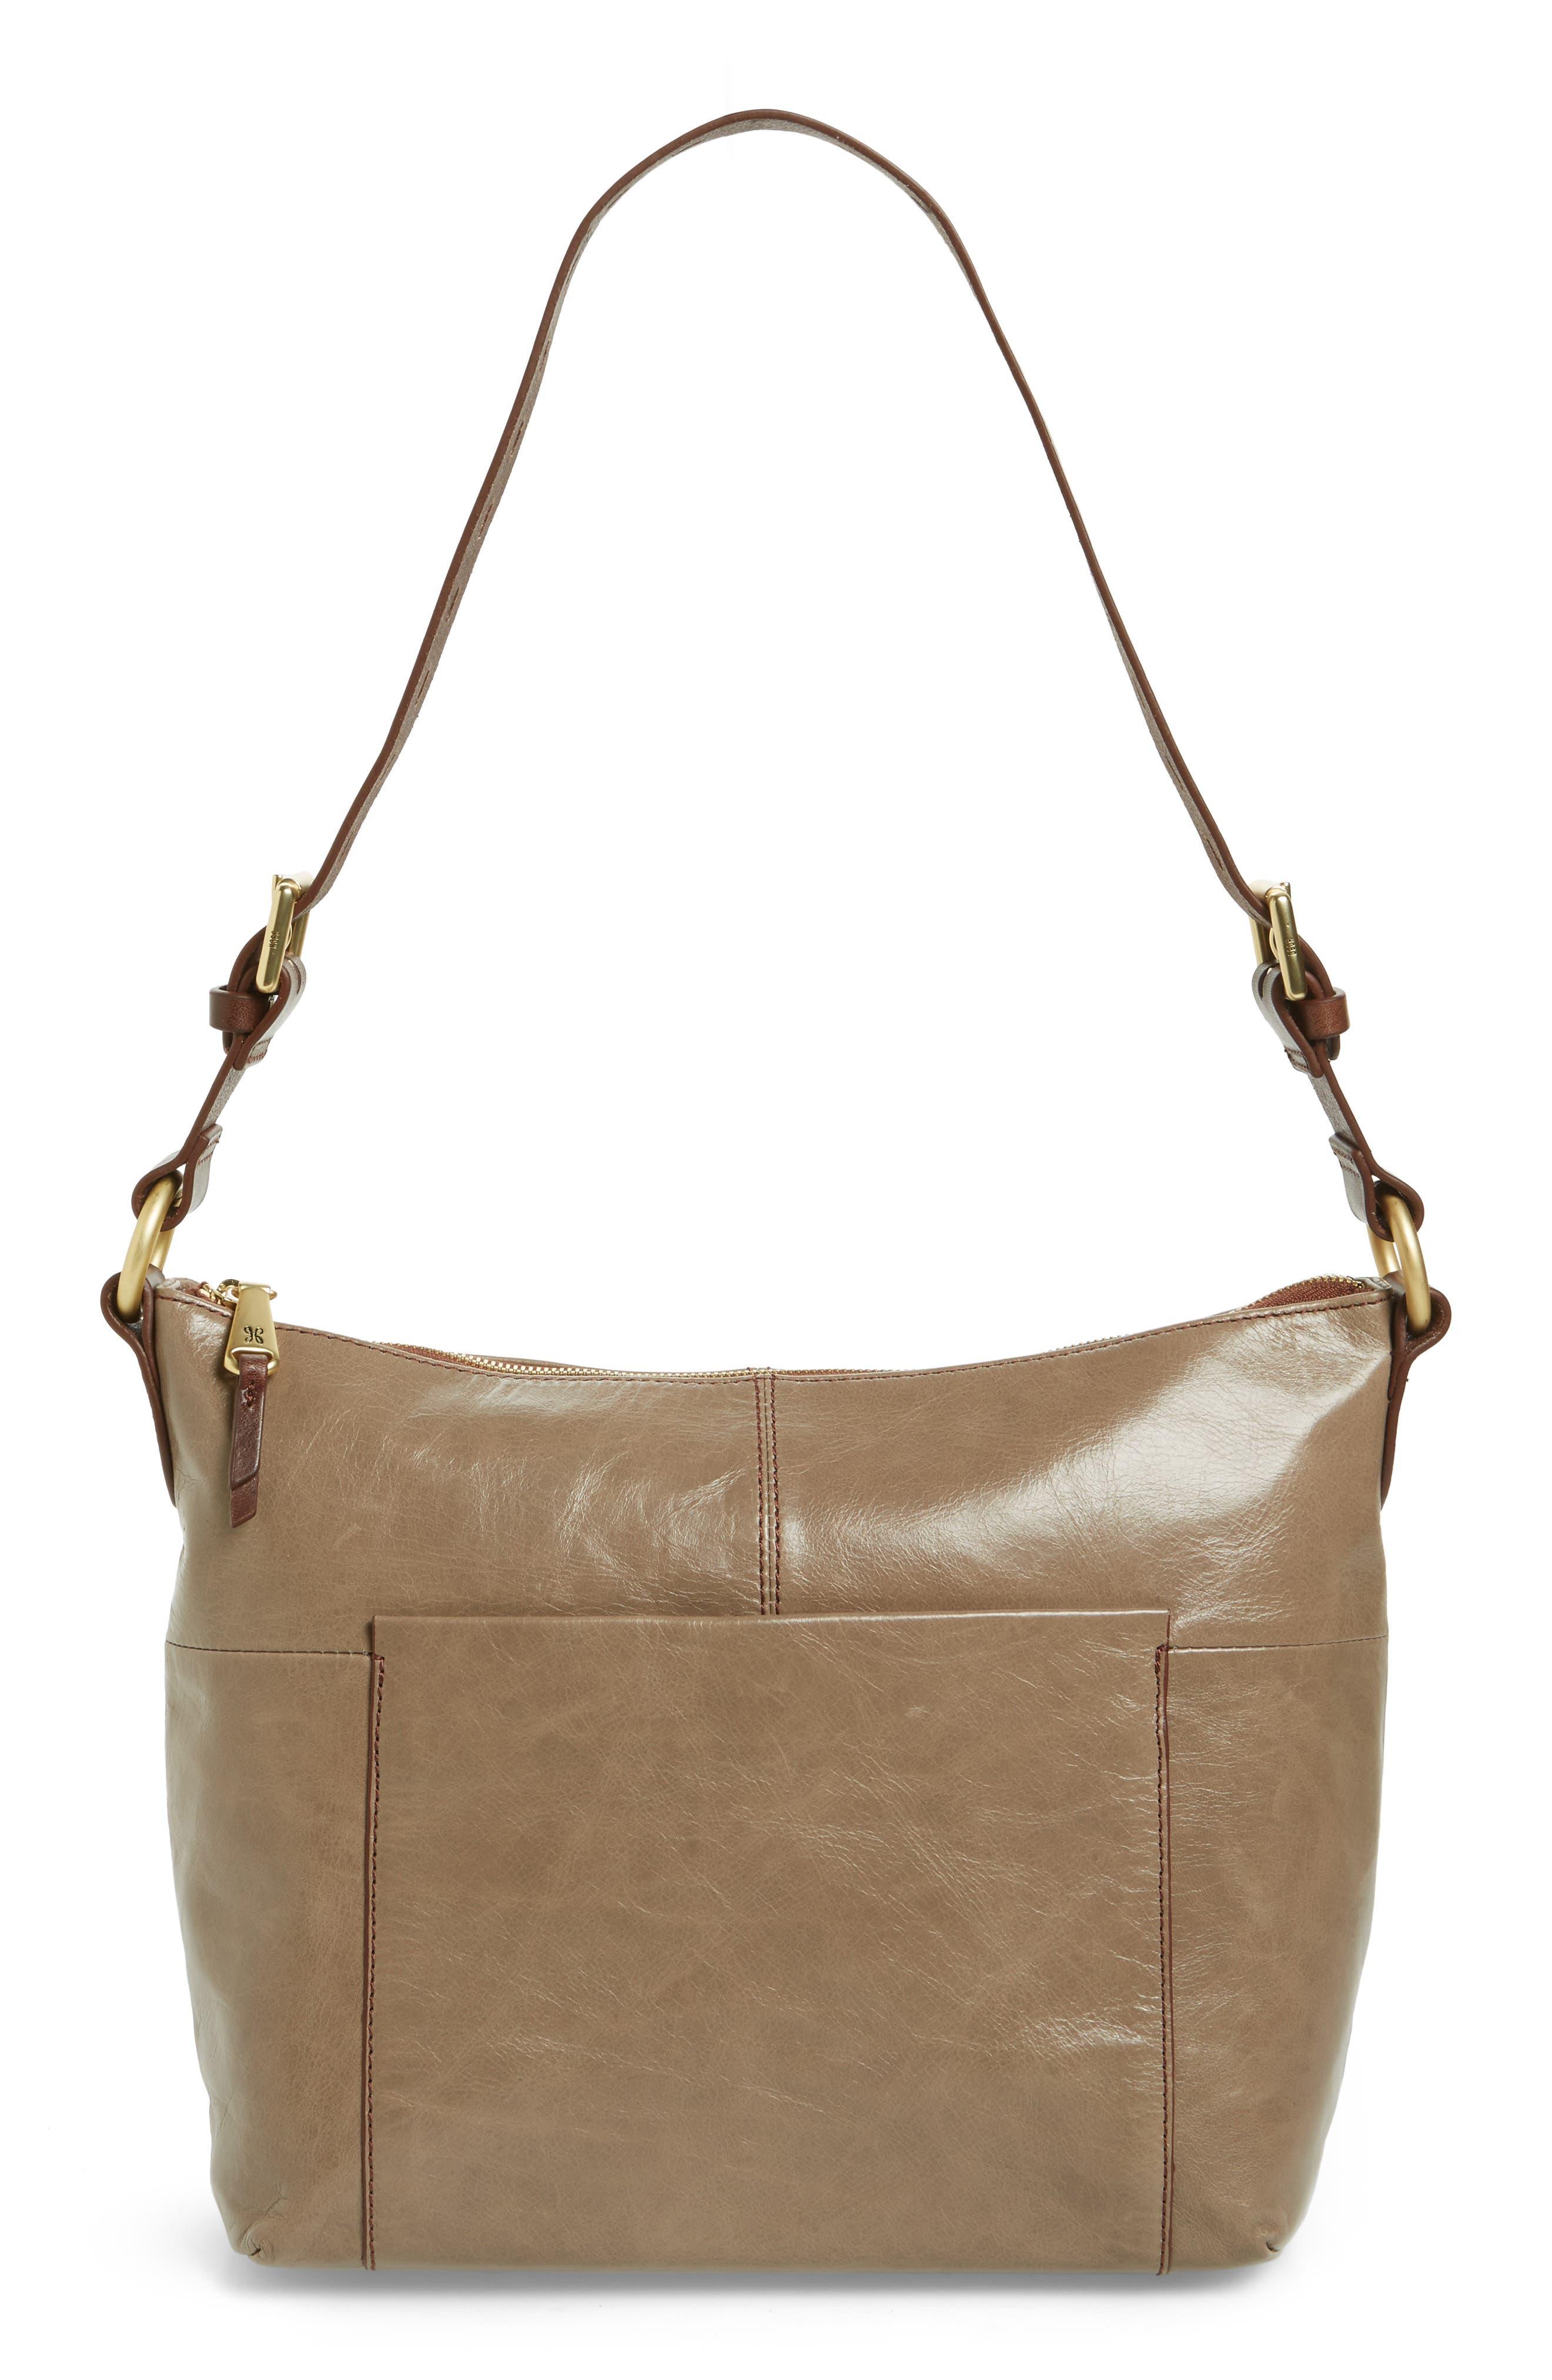 Main Image - Hobo 'Charlie' Leather Shoulder Bag